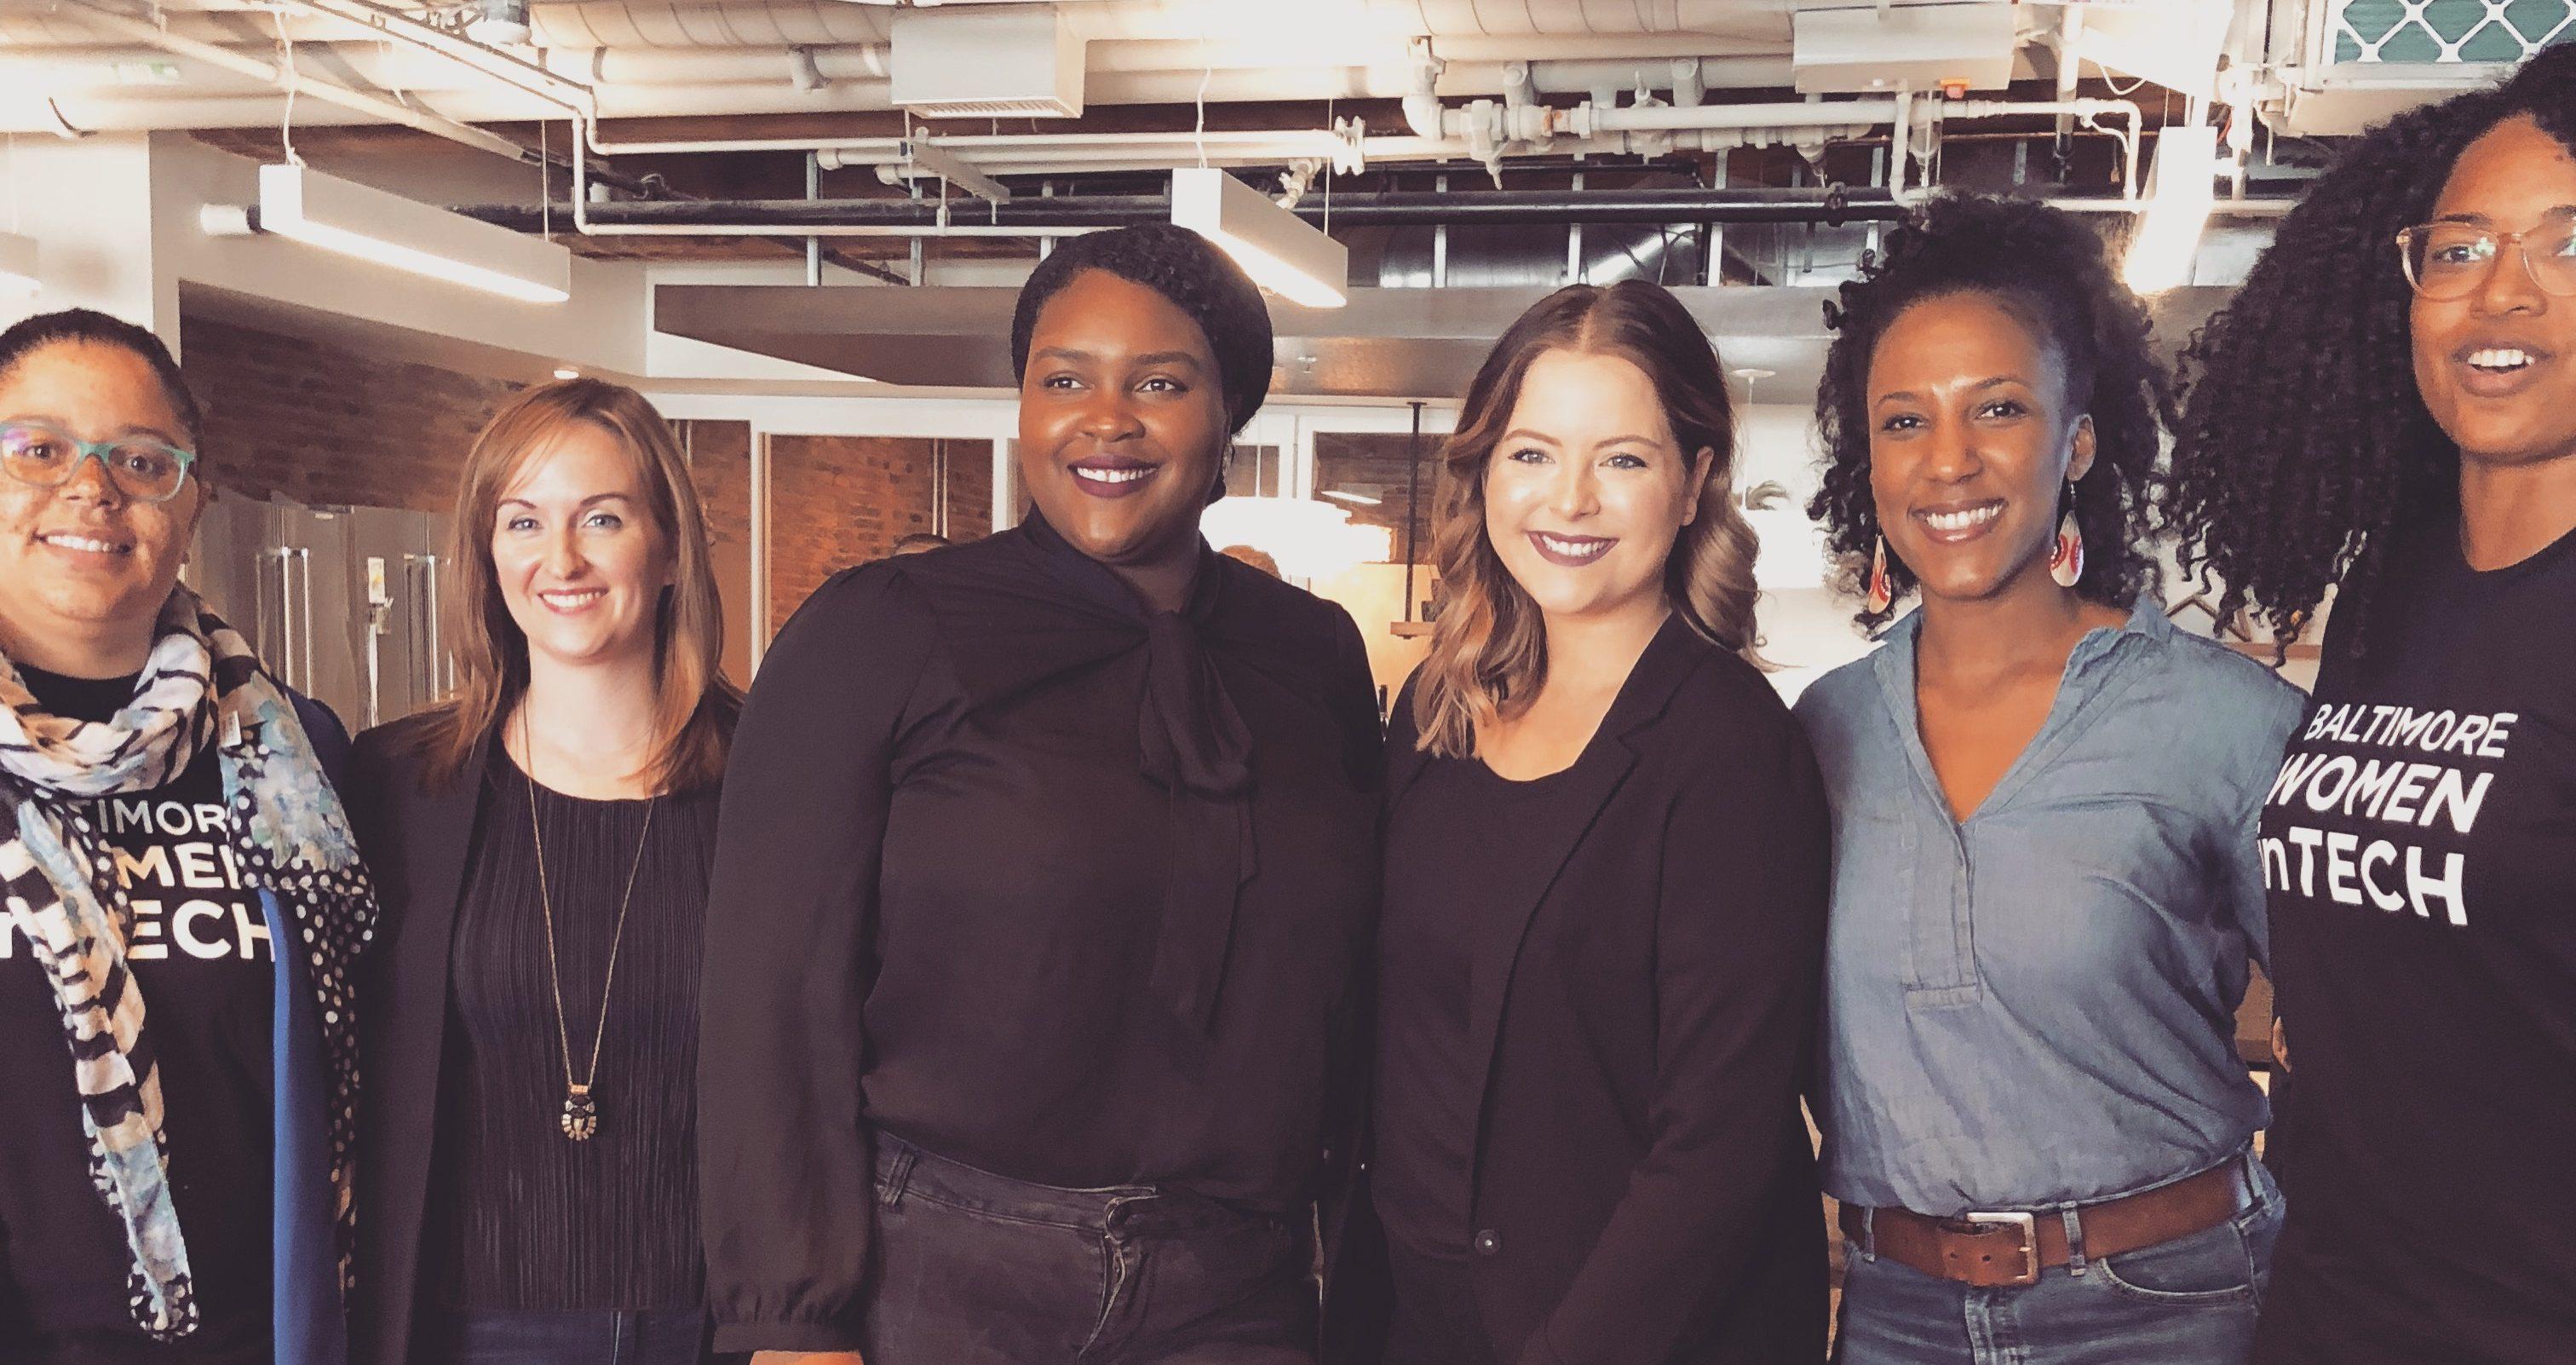 Women in Tech panel that Krach spoke on. Photo courtesy of Krach.